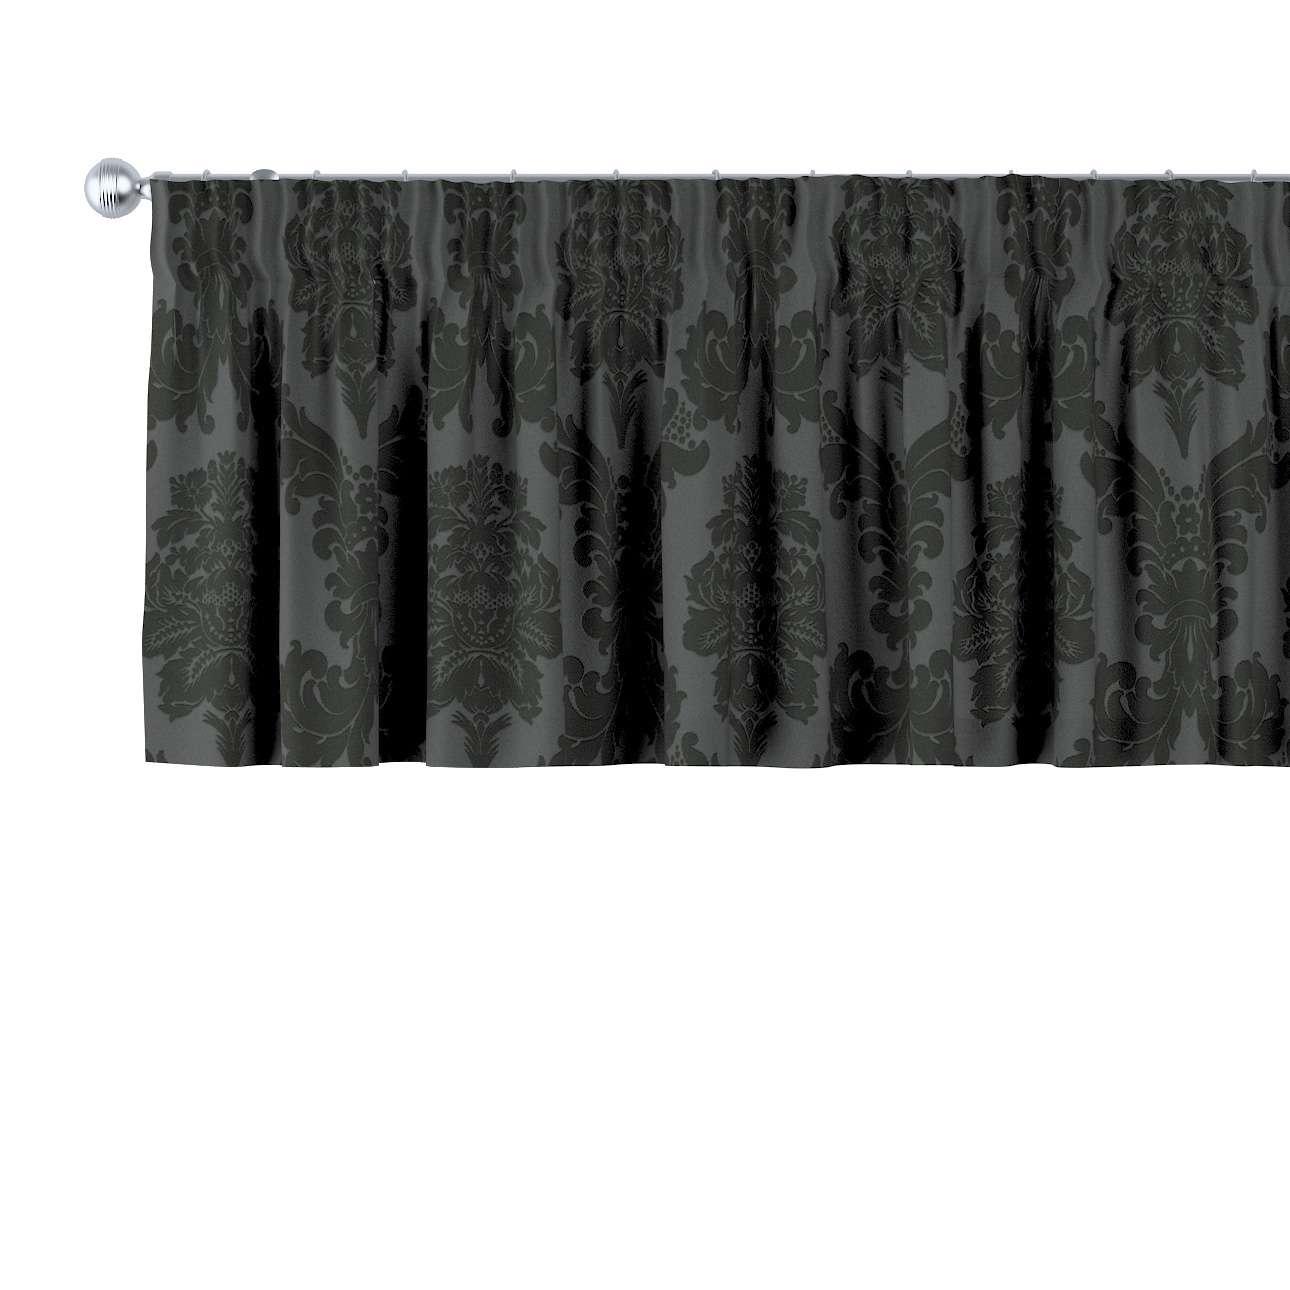 Lambrekin na taśmie marszczącej 130 x 40 cm w kolekcji Damasco, tkanina: 613-32